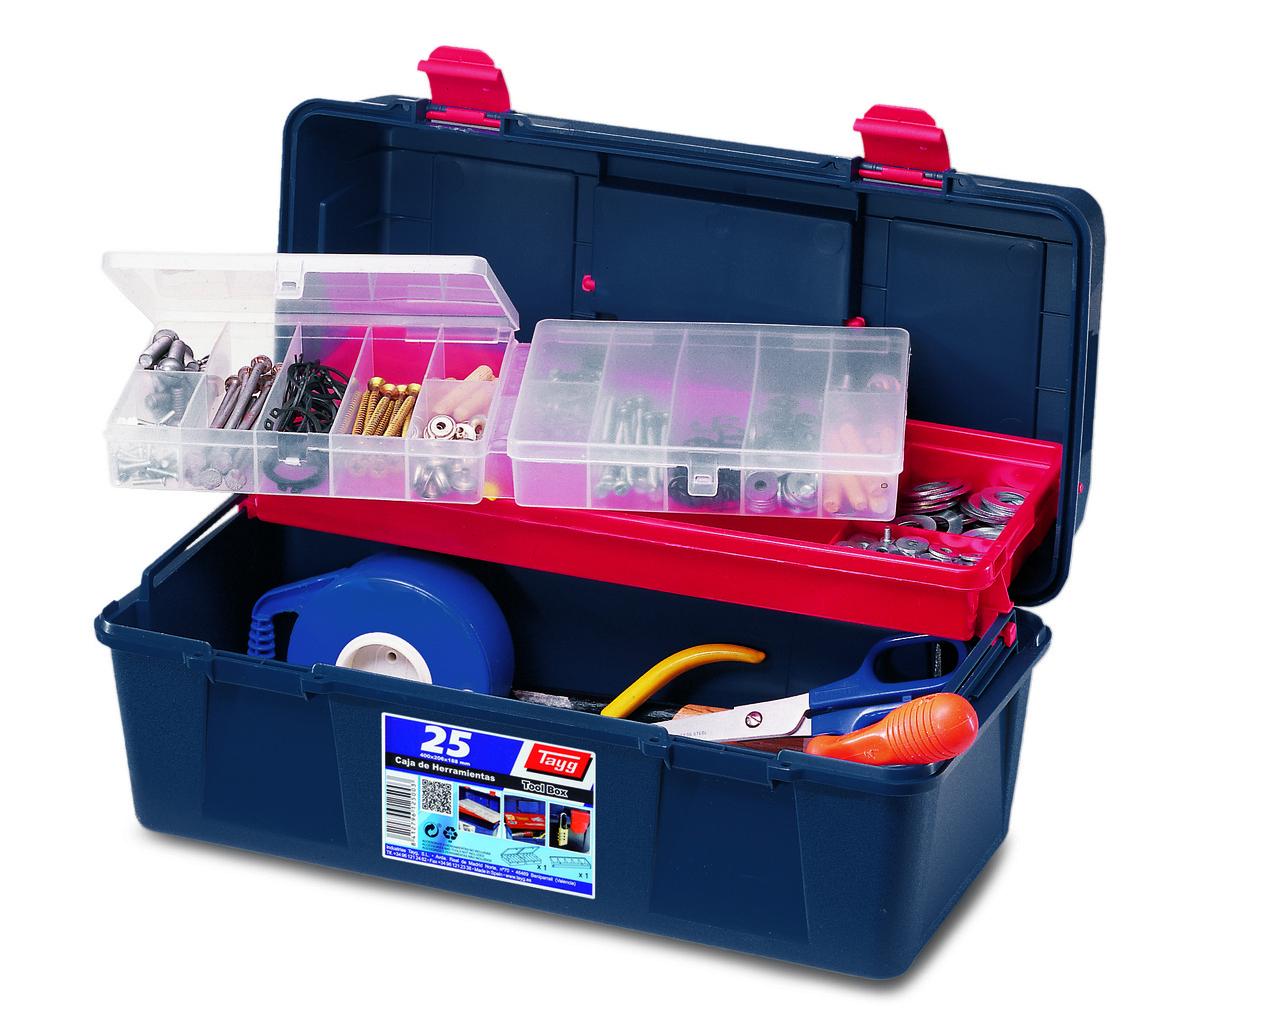 Ящик Tayg Box 25 Caja htas 40x20,6x18,8 см для інструментів + вкладка + органайзер пластиковий синій